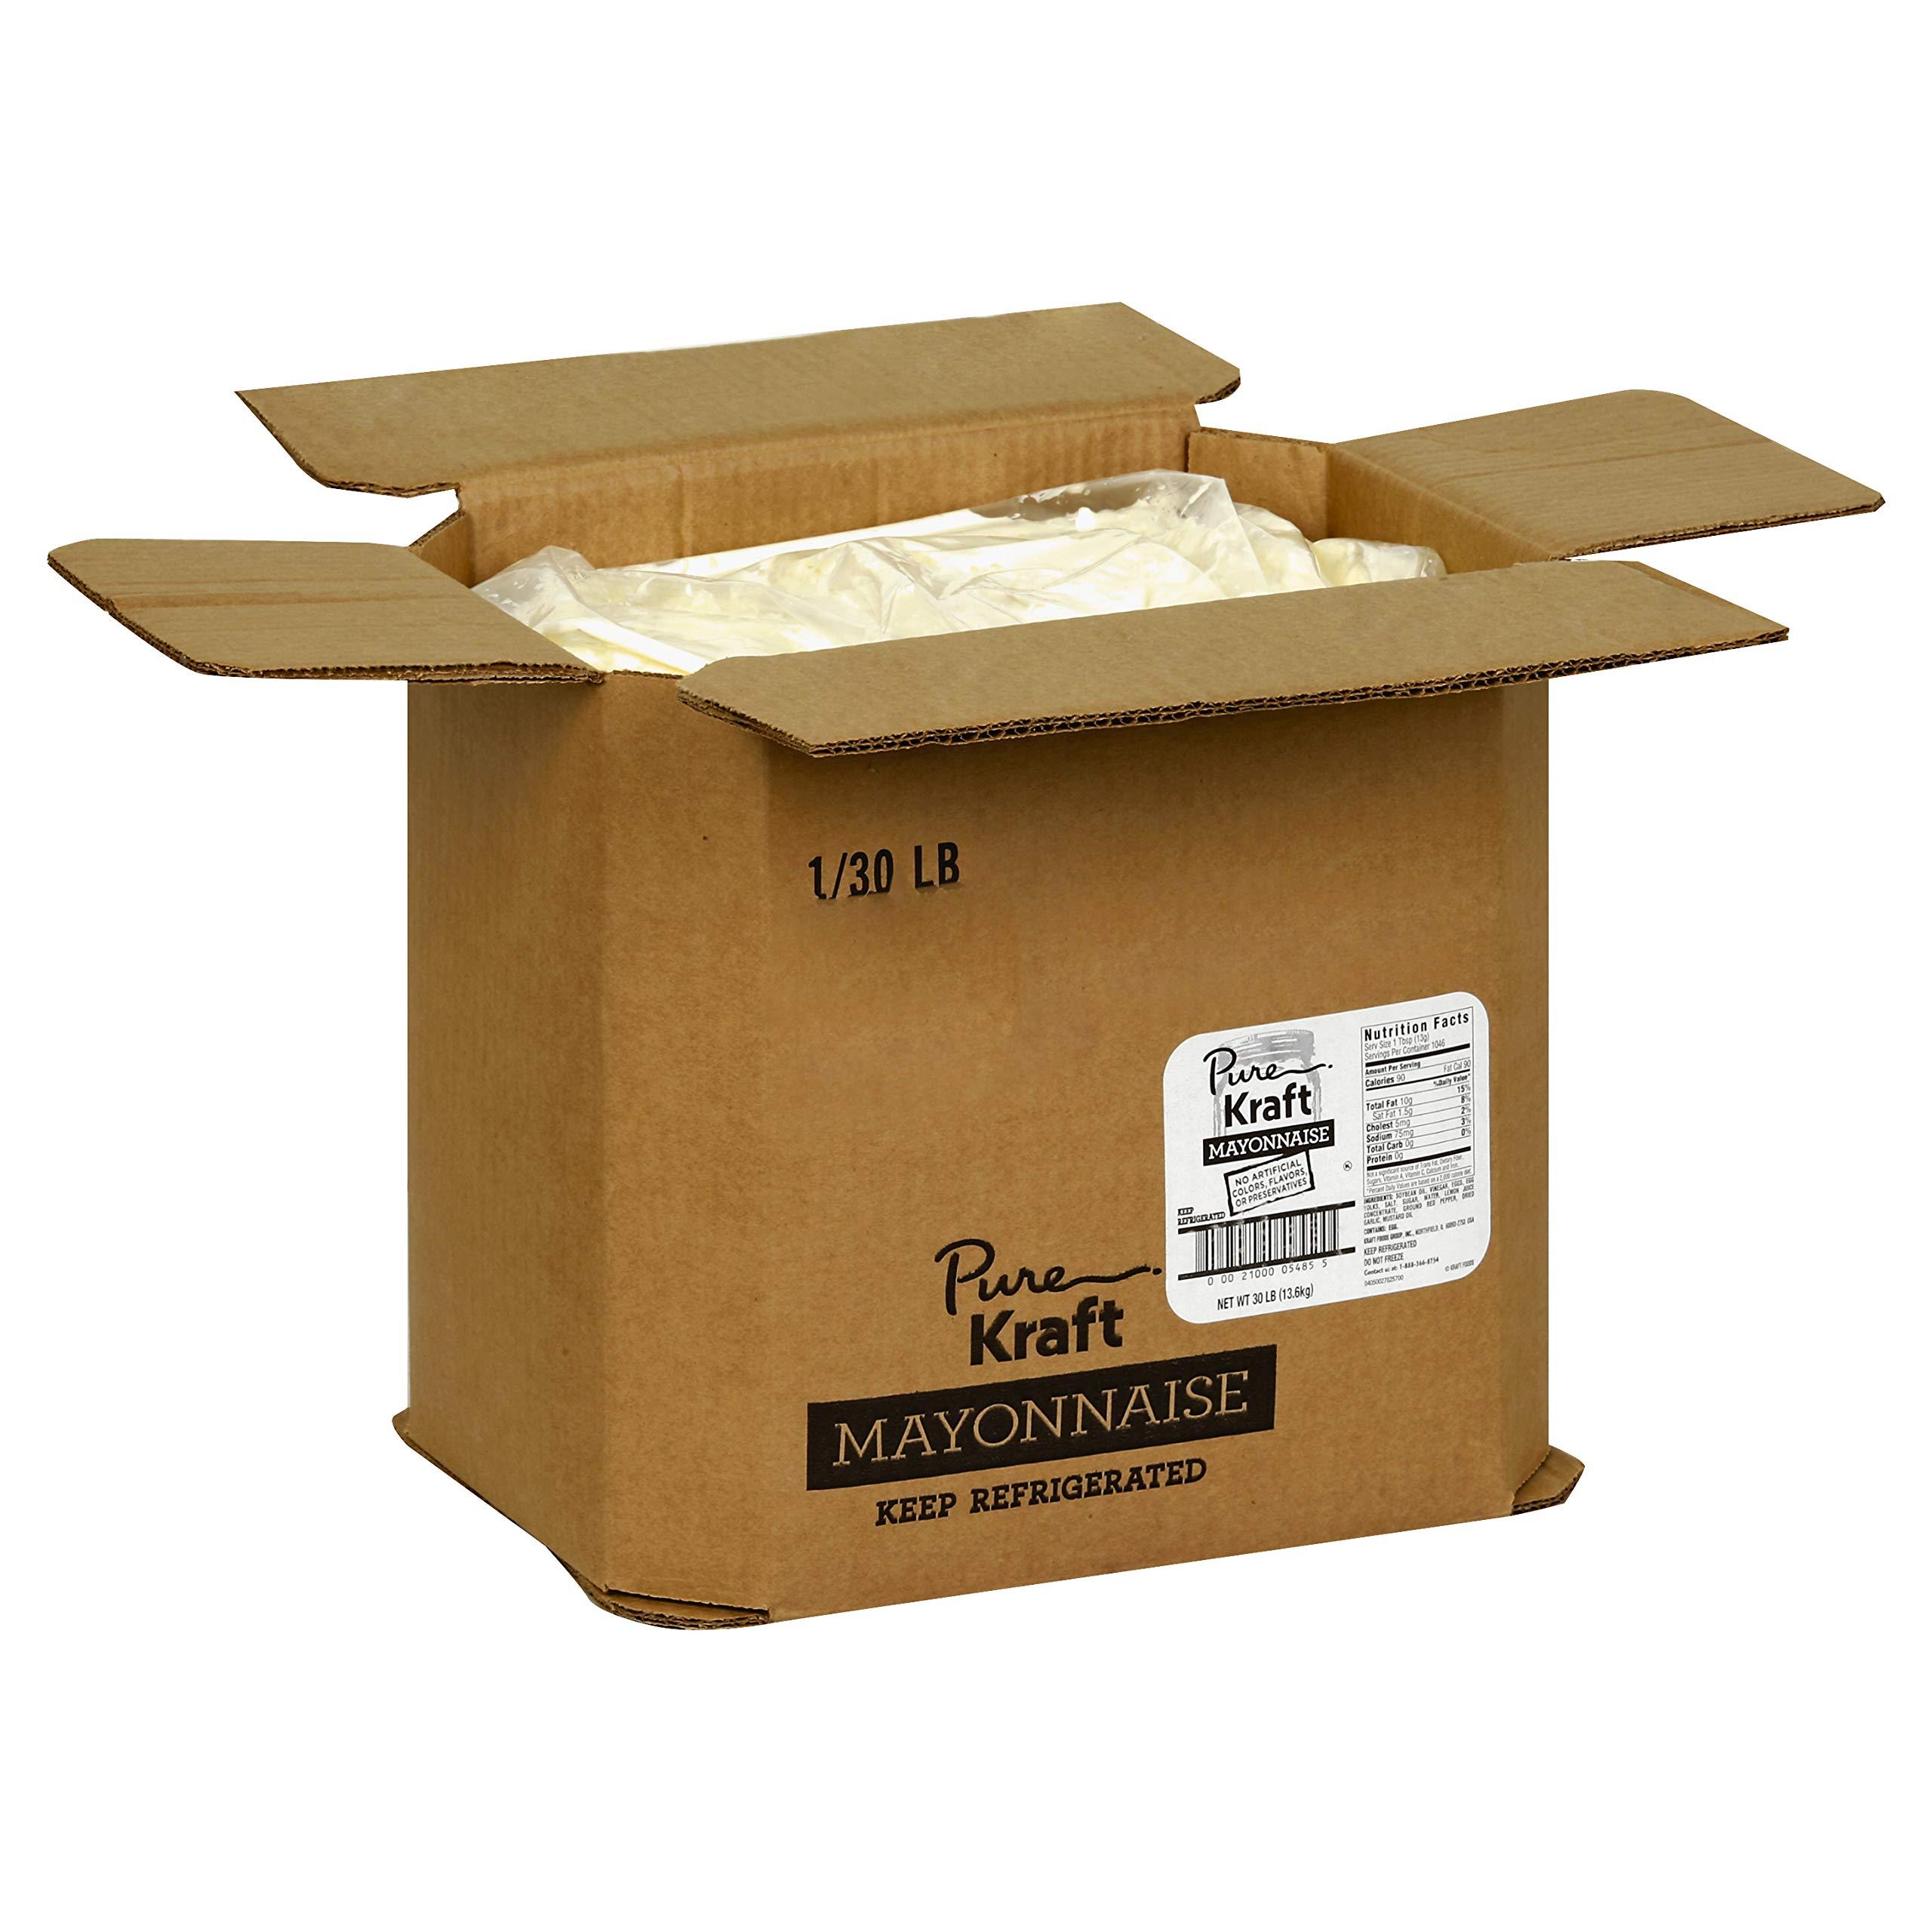 Kraft Extra Heavy Mayonnaise, 30 lb. Pail